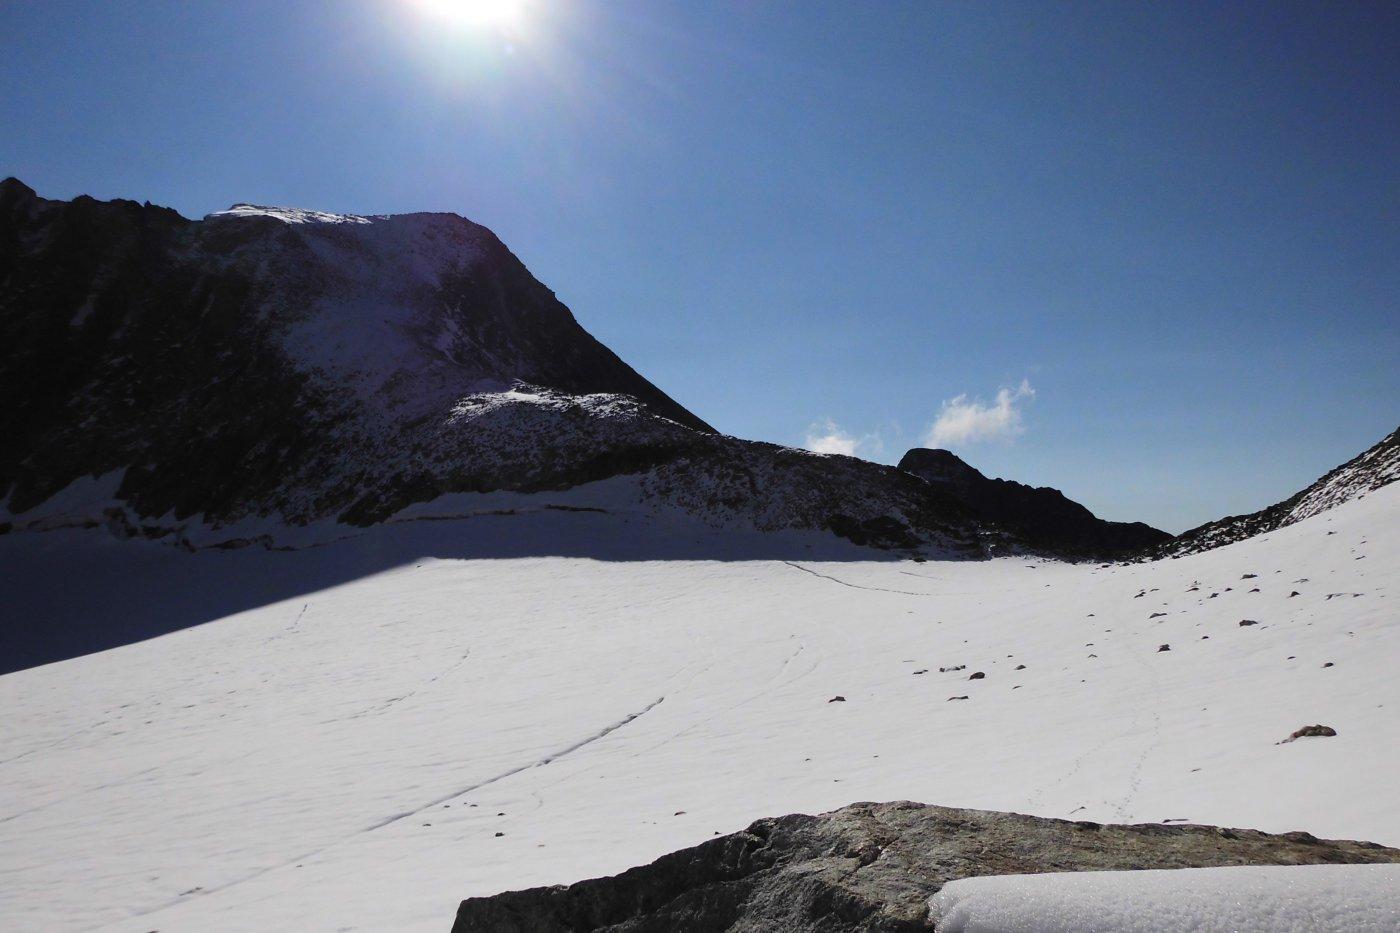 e il lato svizzero del colle d'Otemma, lambito dal ghiacciaio.